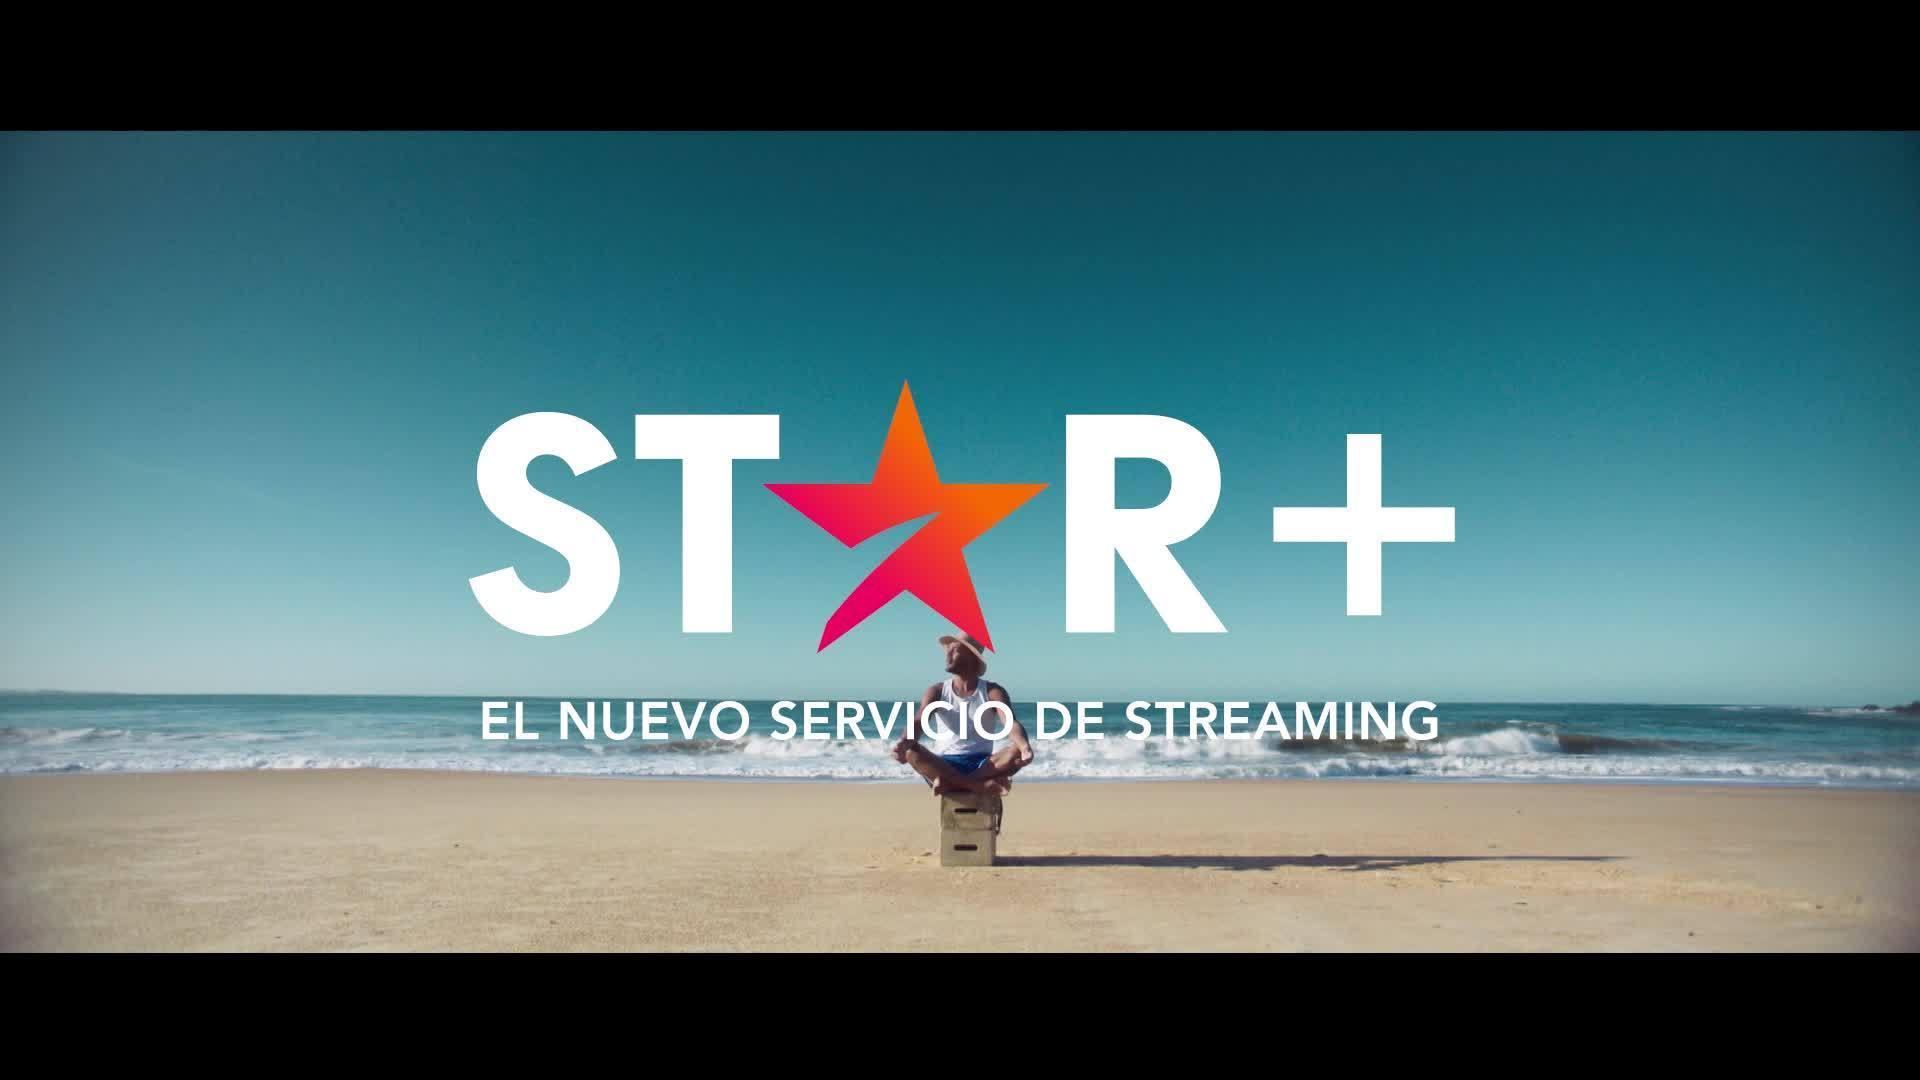 Star+ | La plataforma llegará a la región el 31 de agosto de 2021